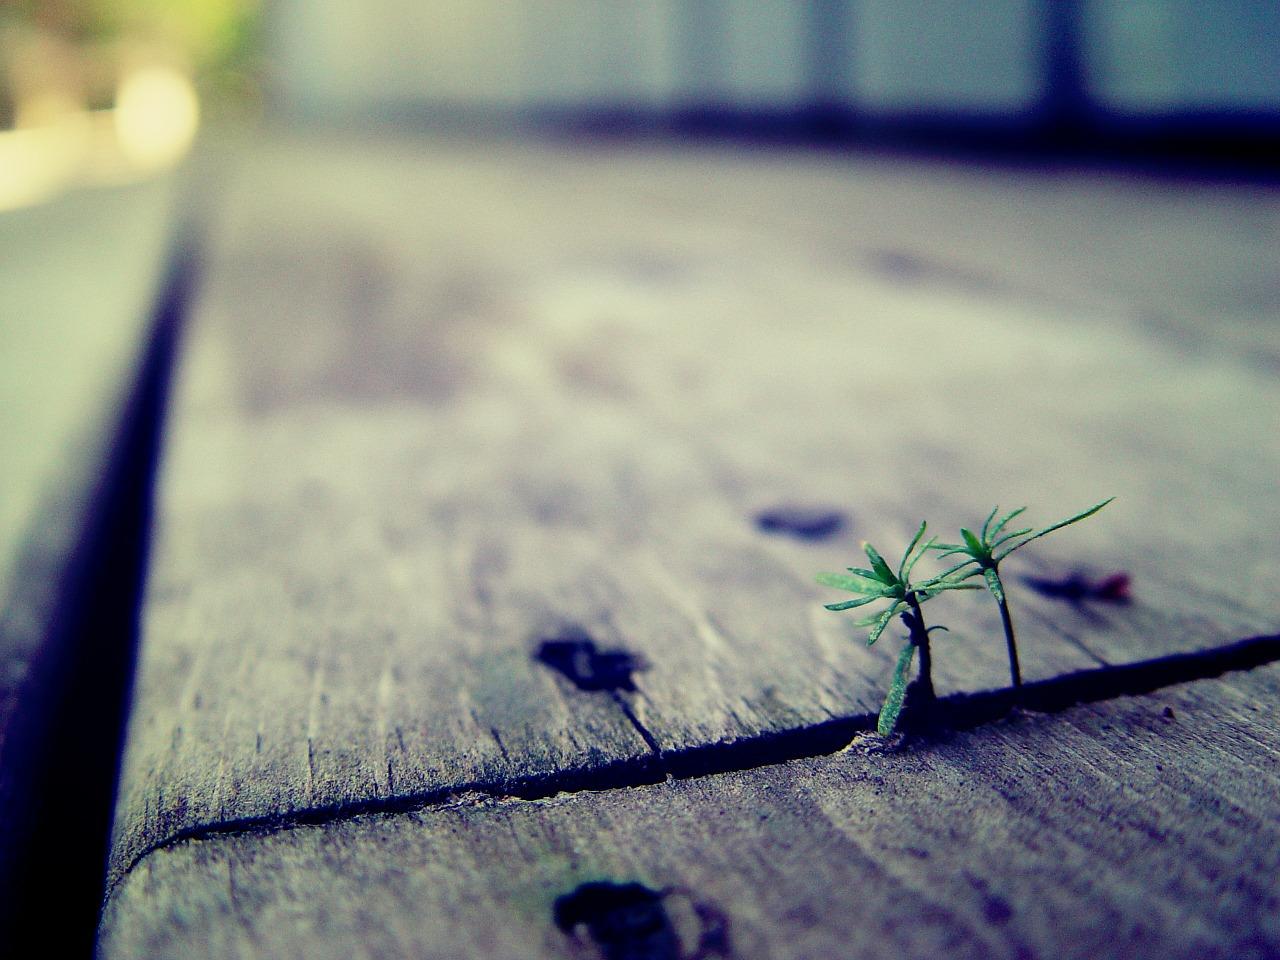 Wenn eine Pflanze es durch den Asphalt schafft, dann schaffst du das auch!